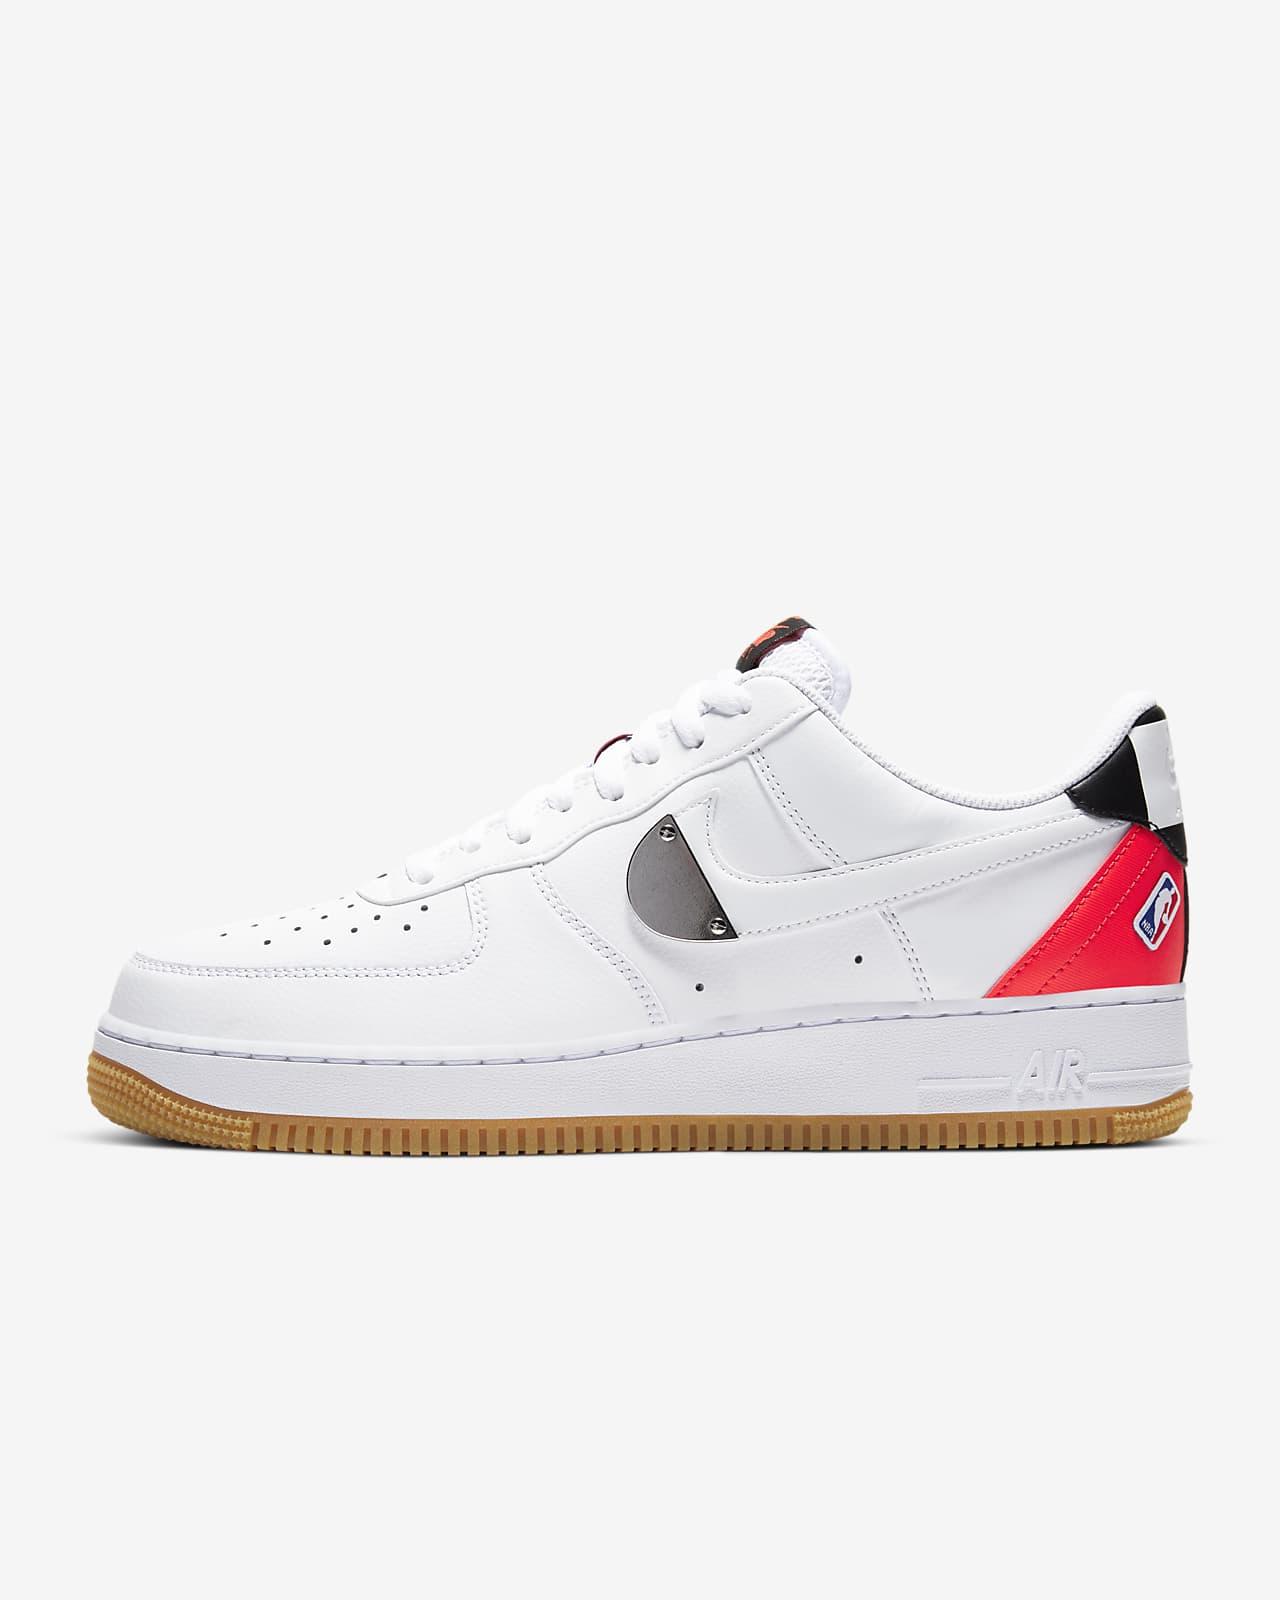 รองเท้าผู้ชาย Nike Air Force 1 '07 LV8